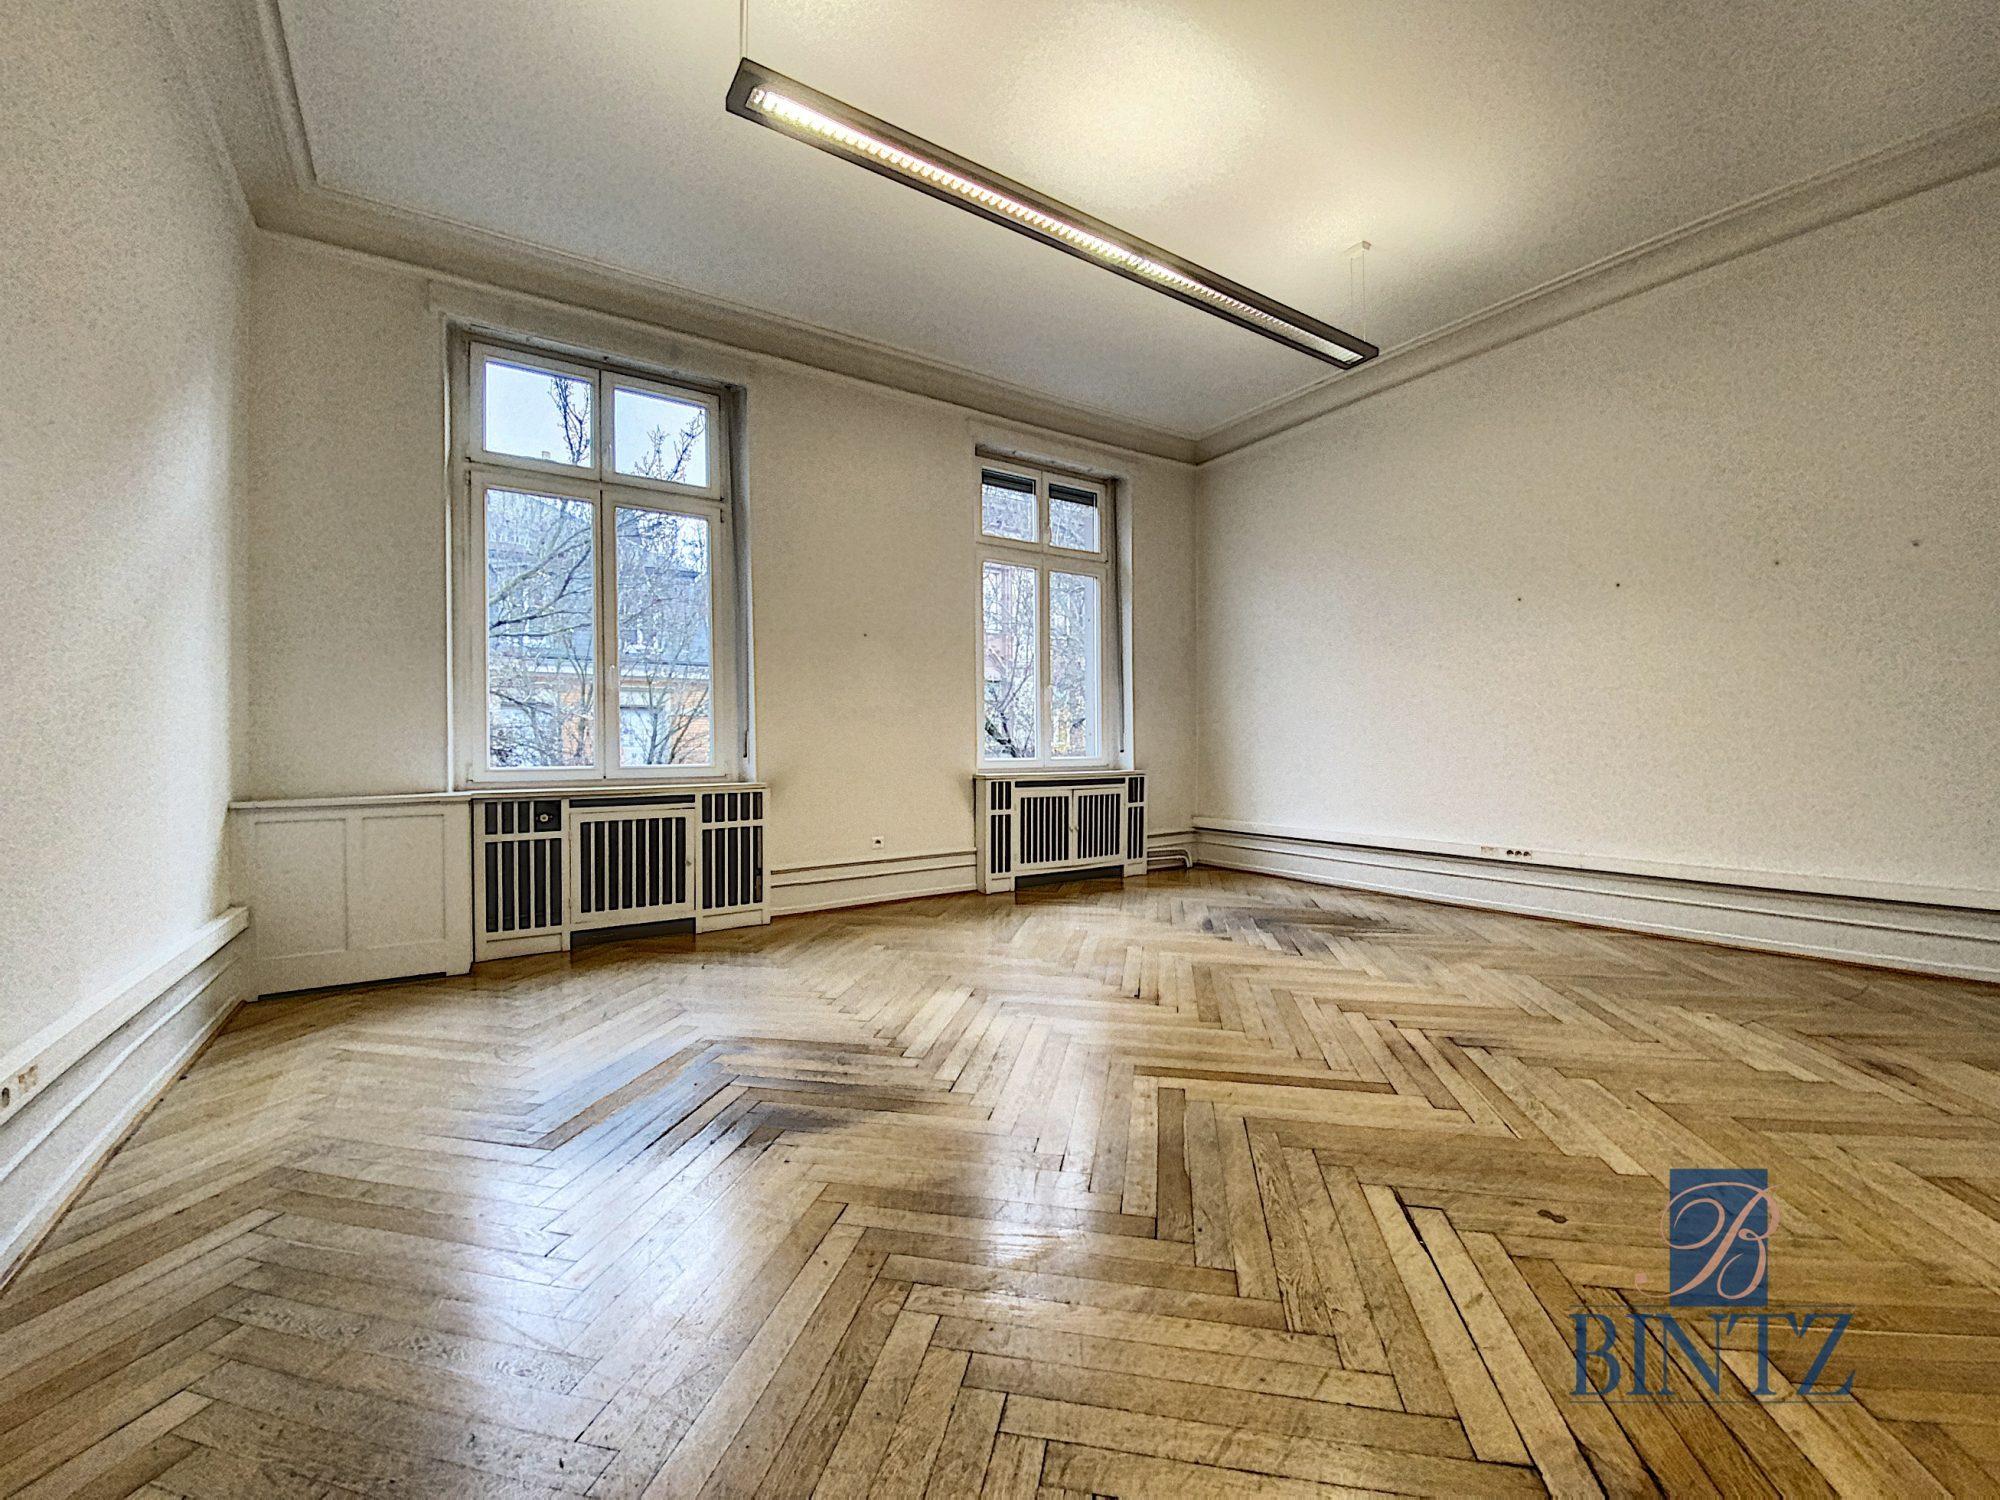 Immeuble de bureaux à louer - Devenez locataire en toute sérénité - Bintz Immobilier - 11